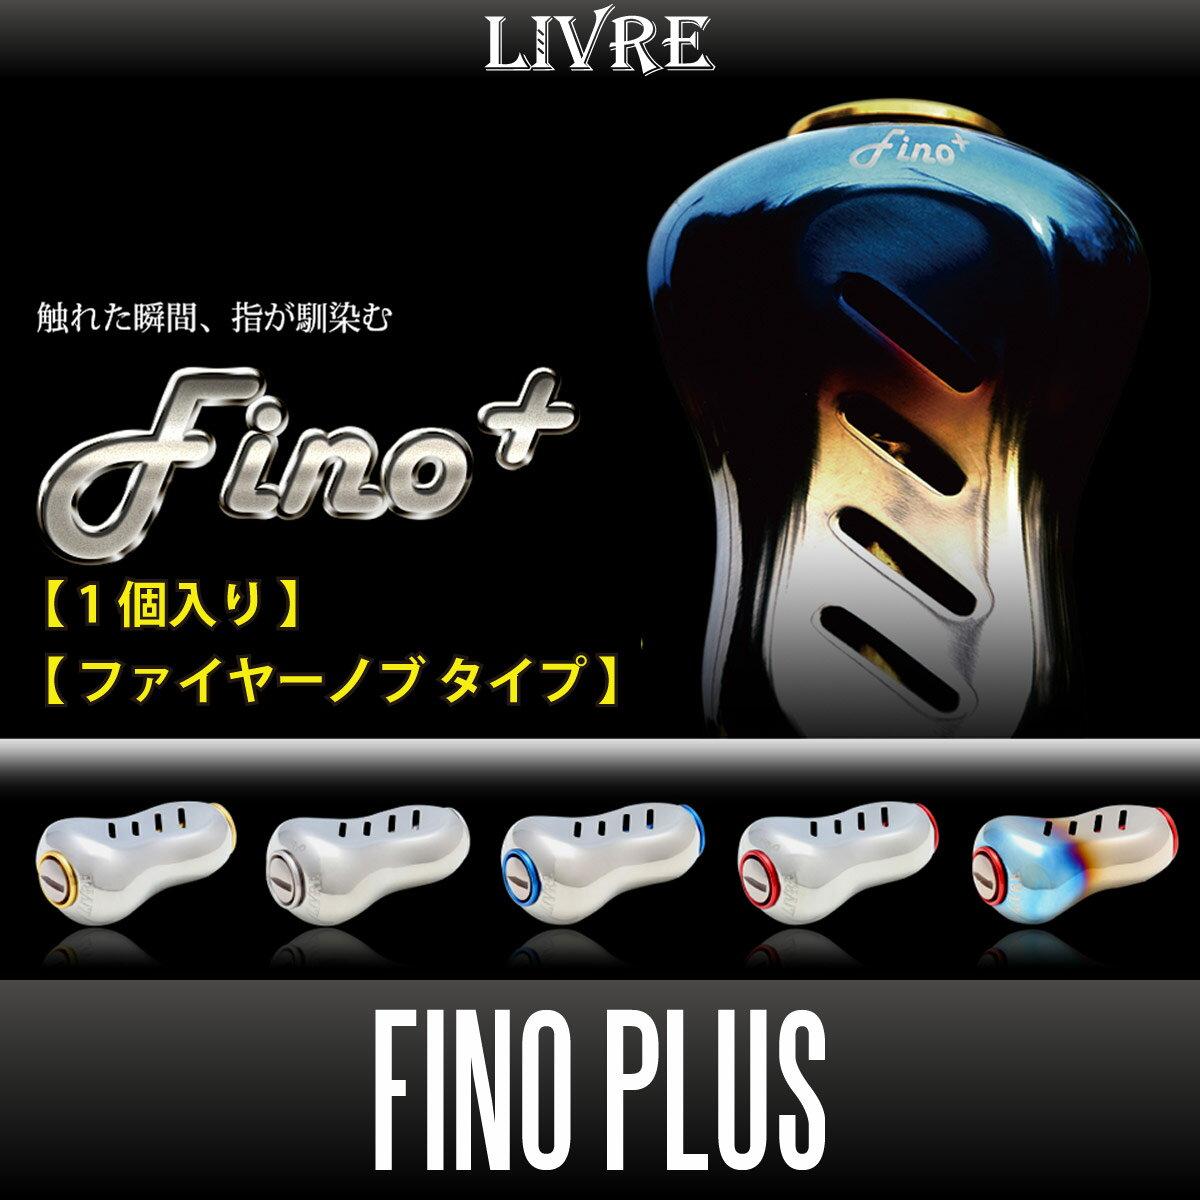 【リブレ/LIVRE】 Fino+(フィーノプラス) チタニウム ハンドルノブ 【イージーカスタム特注品:1個入り】 HKAL ※送料無料※